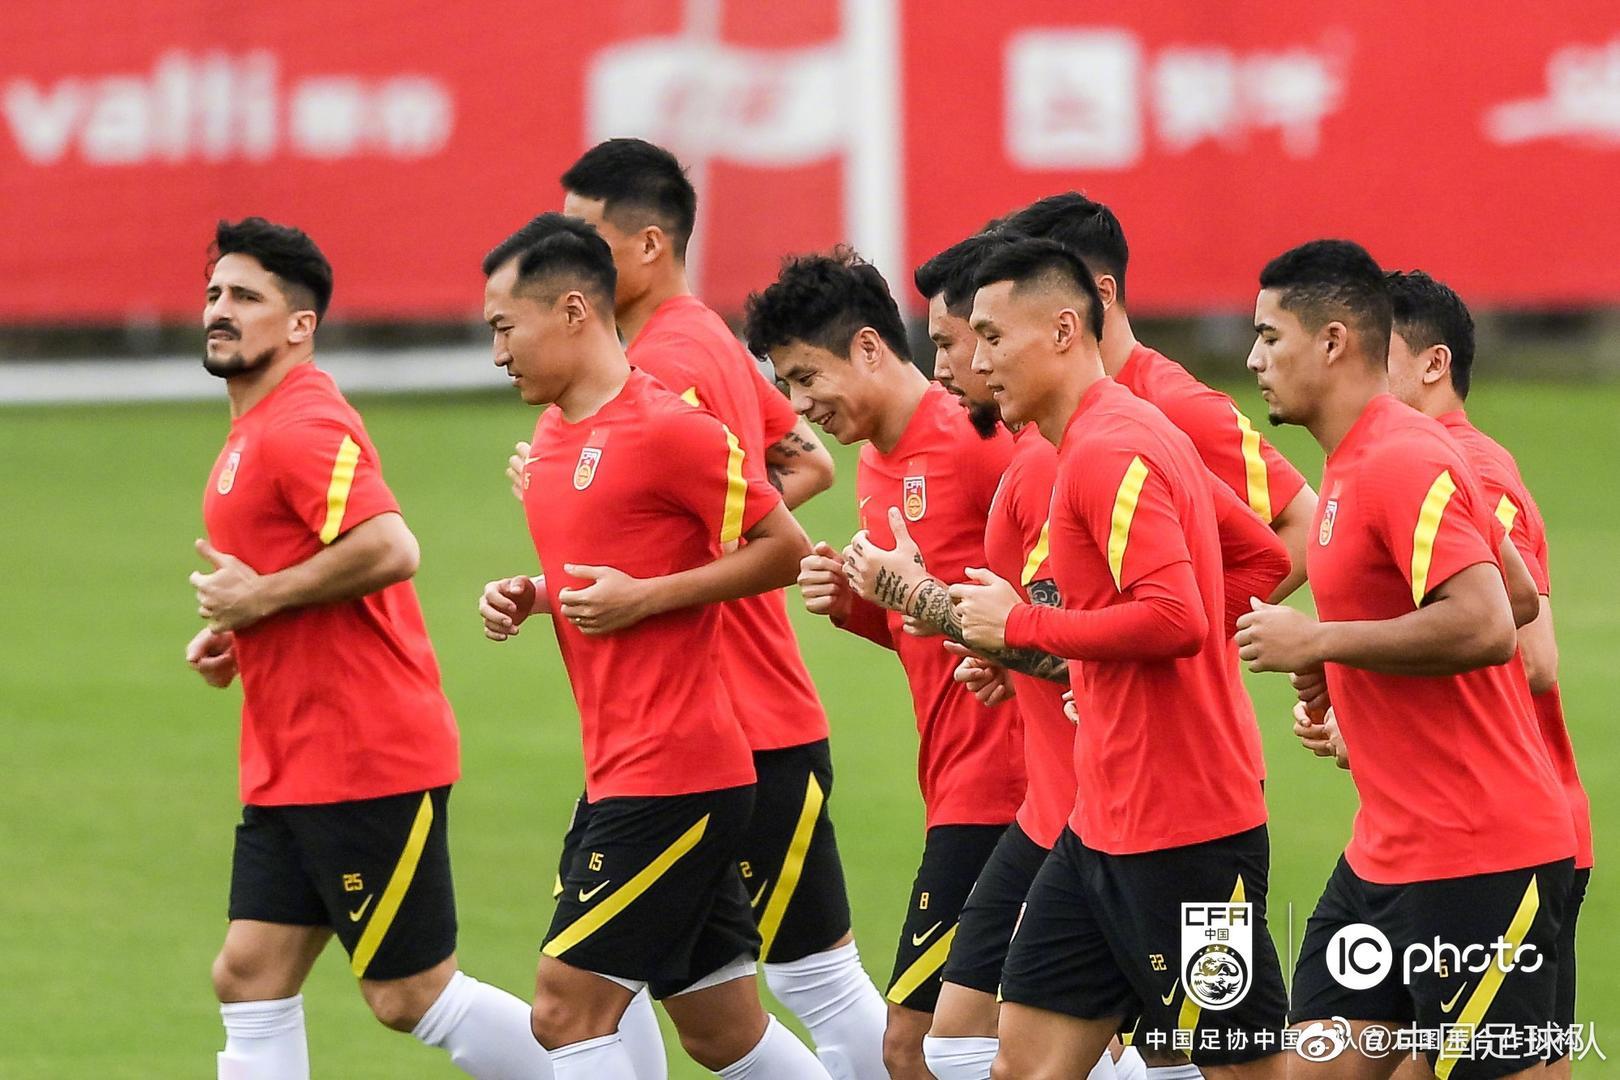 李铁:中国足球就像你的孩子 不能考不好就不要了